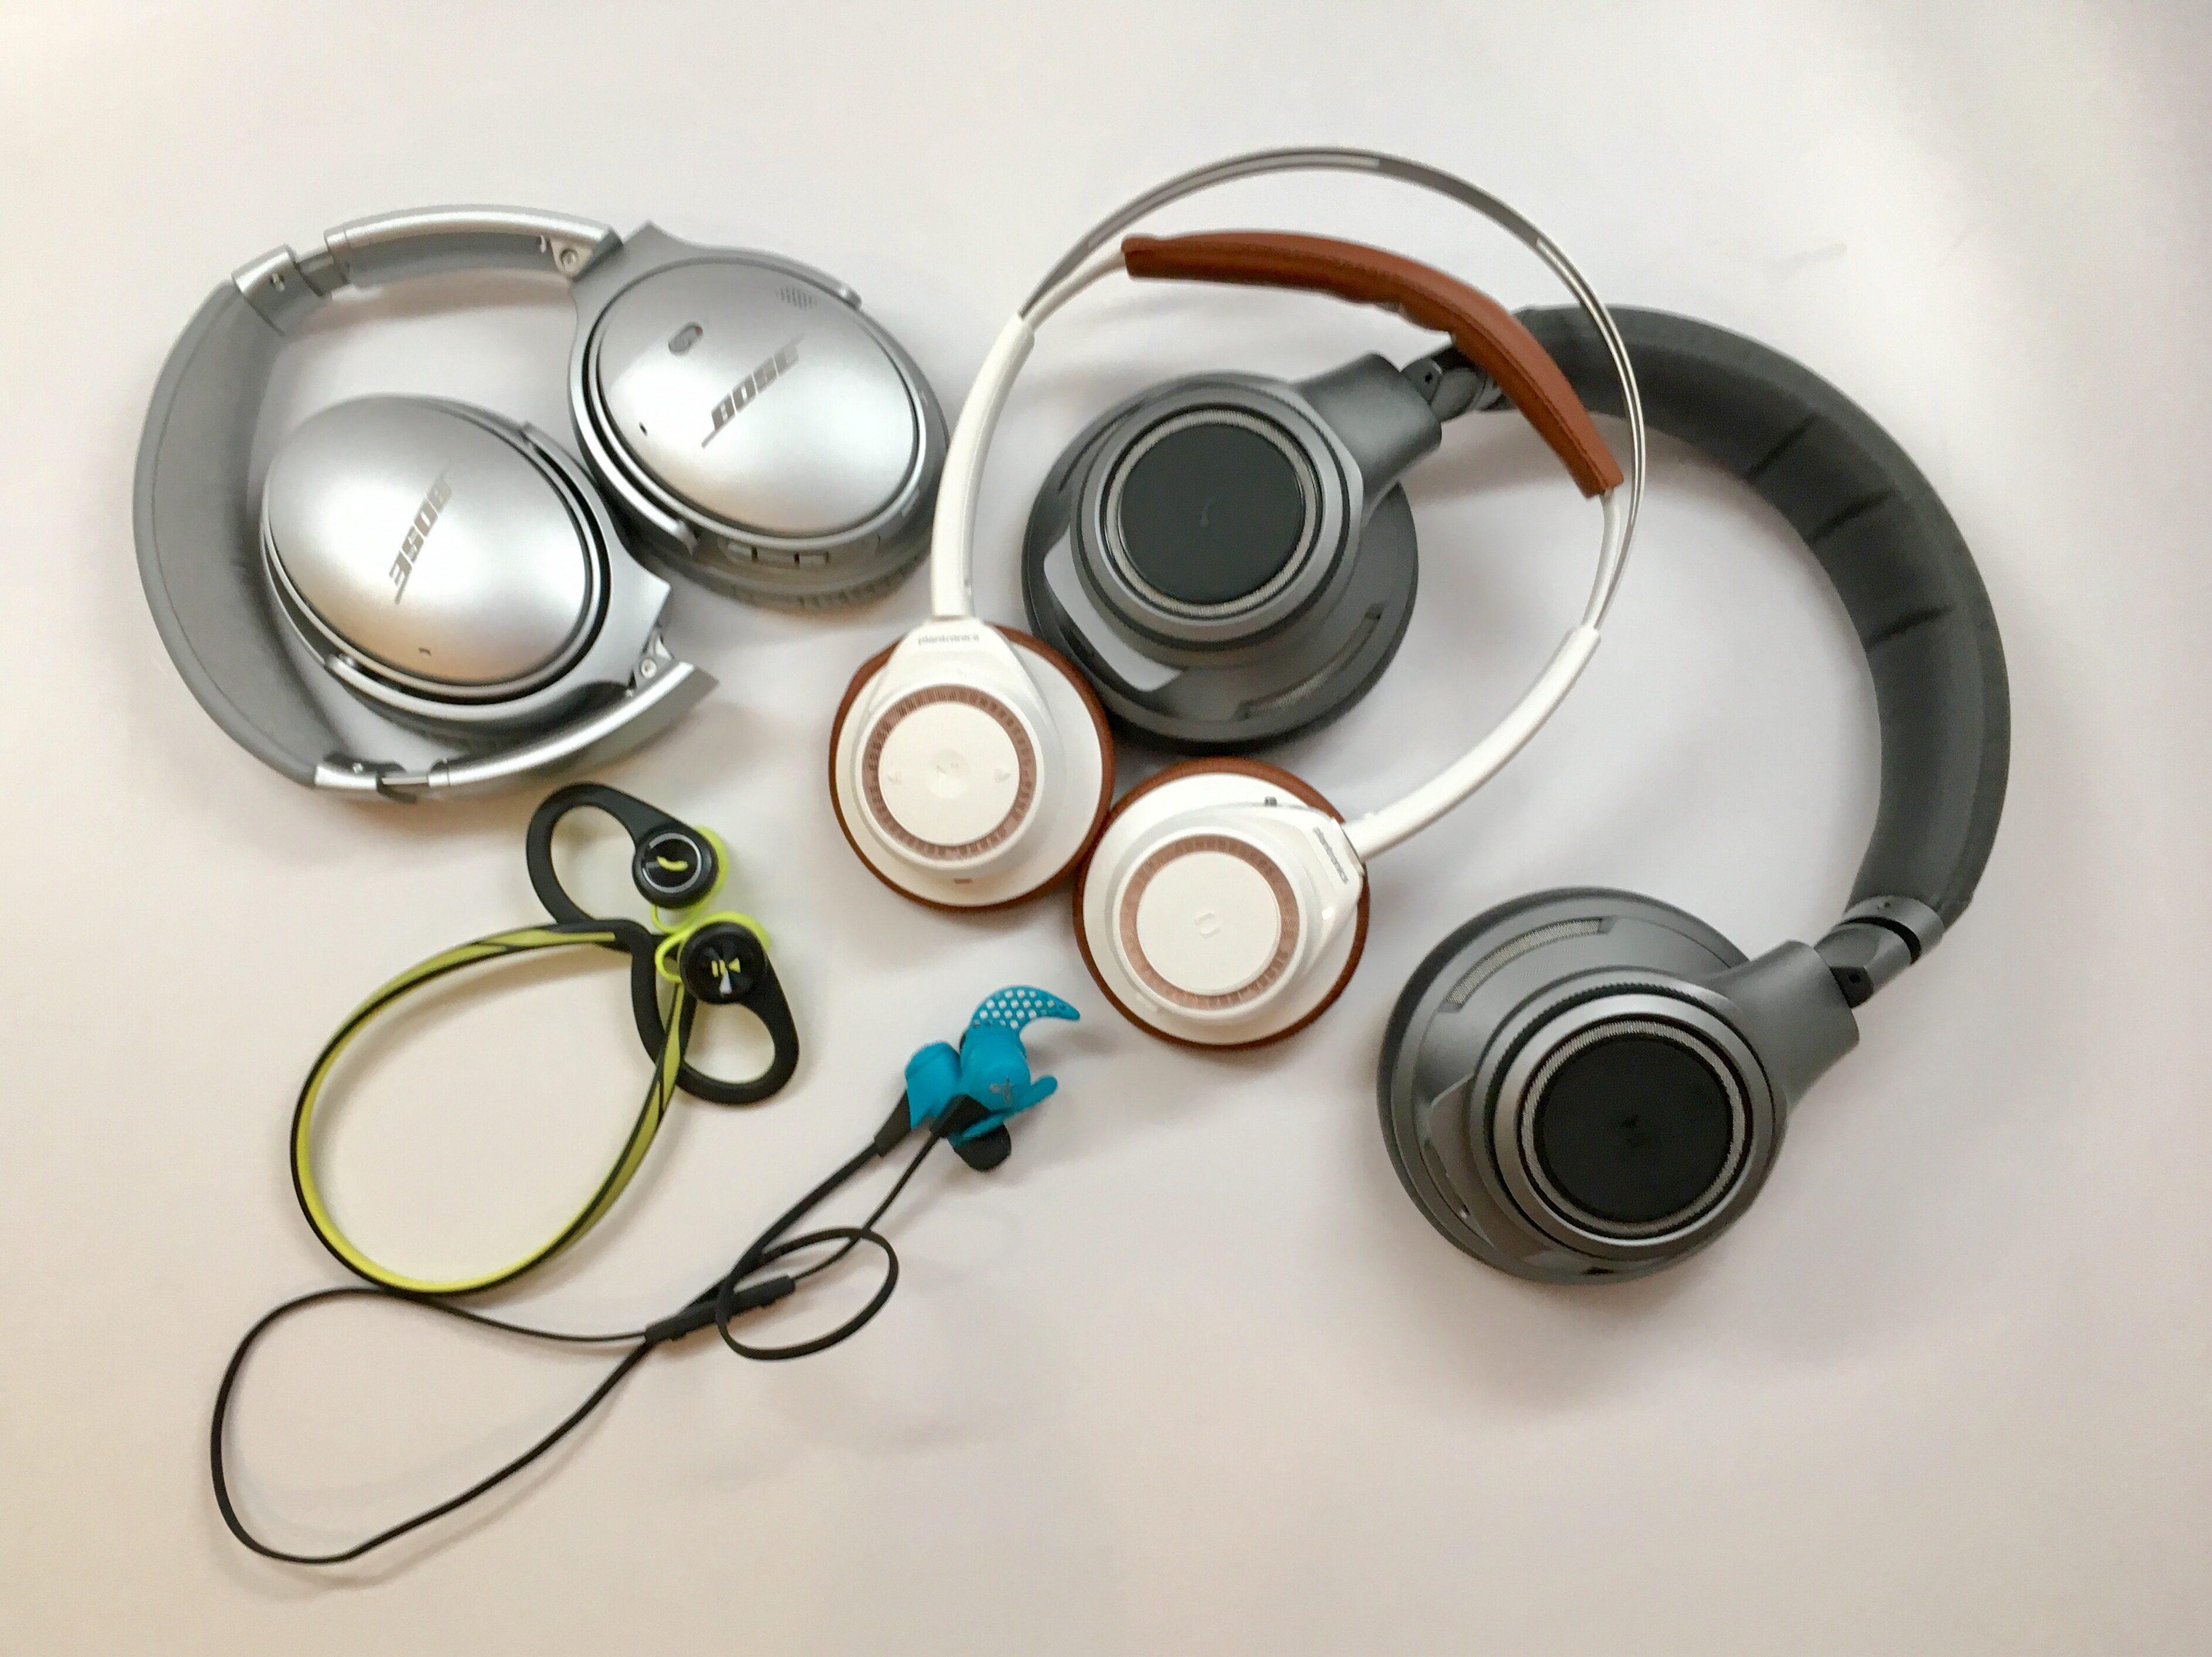 Best Wireless Headphones Earbuds